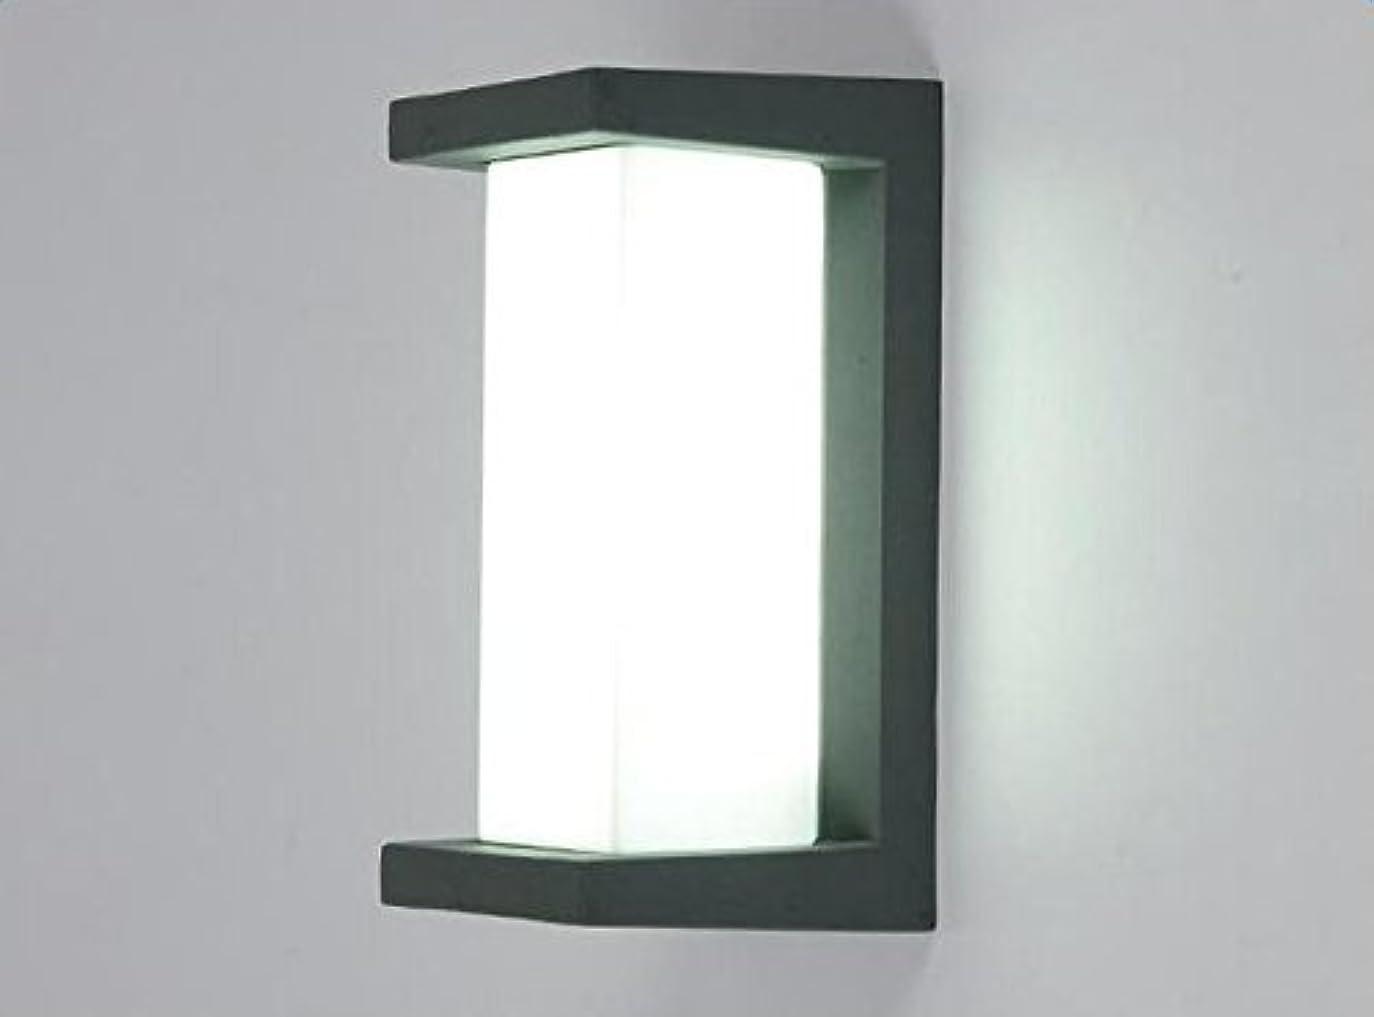 通貨サーマル私たちのものAmeelie LED 玄関ライト ポーチライト ウォールライト ブラケットライト アウトドアライト 玄関灯 防雨型 省エネ led門柱灯 壁取り付け用ライト 10W 20LED(長方形縦)